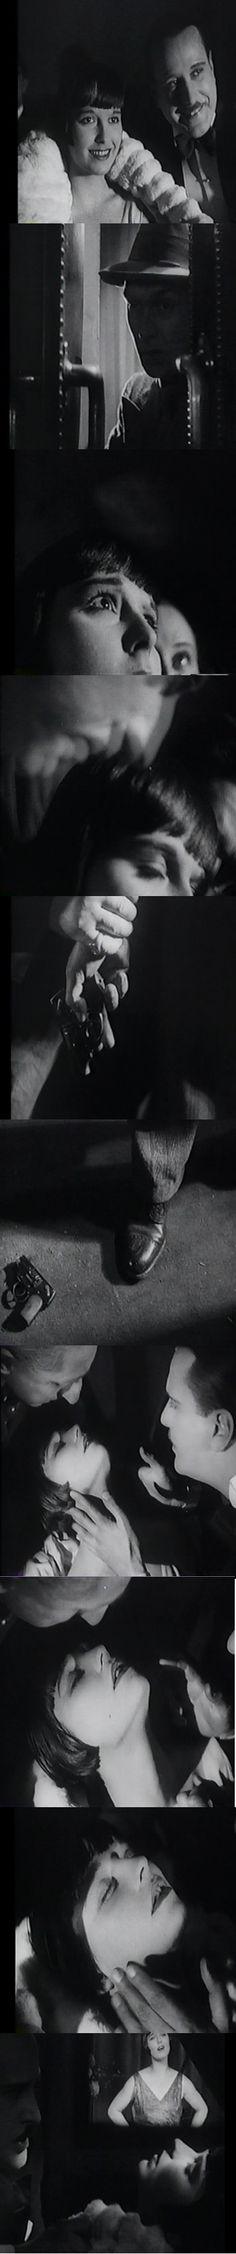 Louise Brooks, Prix de Beaute. Fade to black.